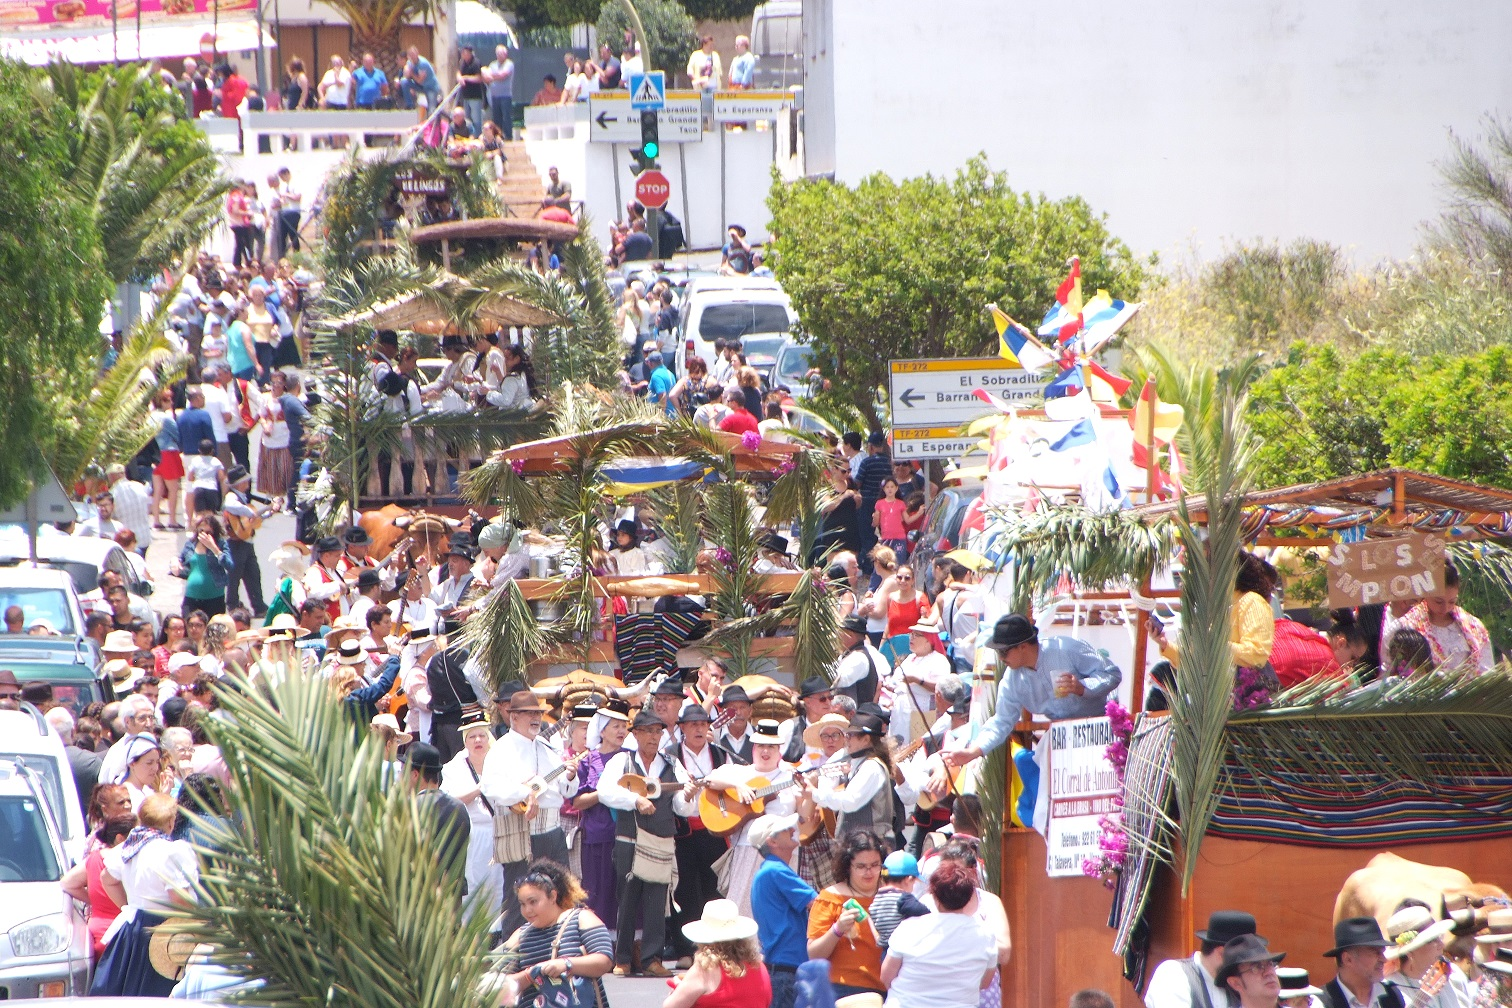 Romería Llano del Moro 2019 (1) - copia